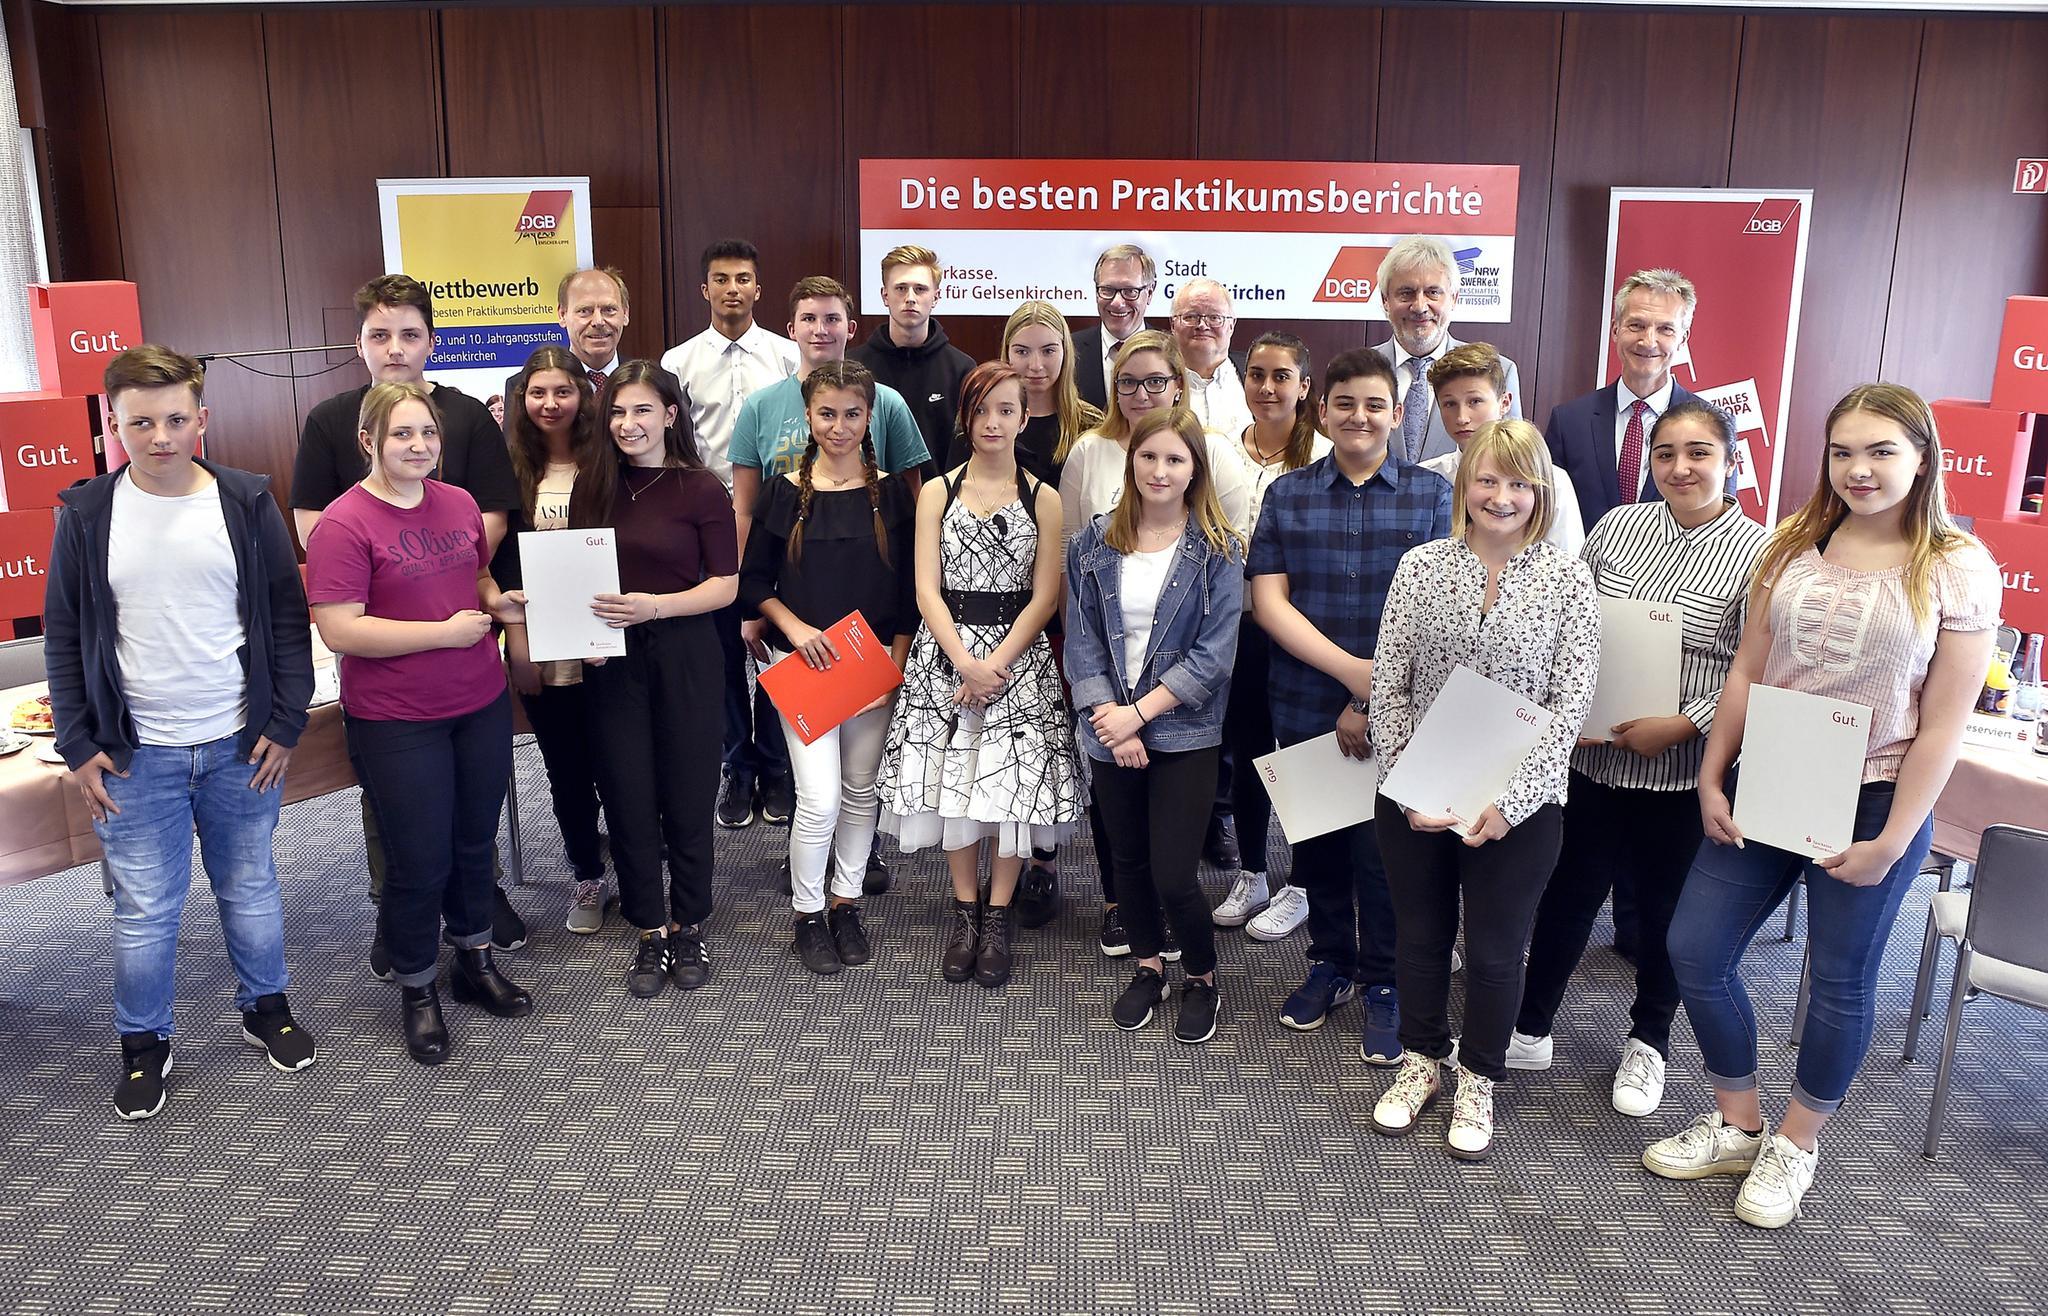 Siegerinnen und Sieger des Praktikumswettbewerbs 2017